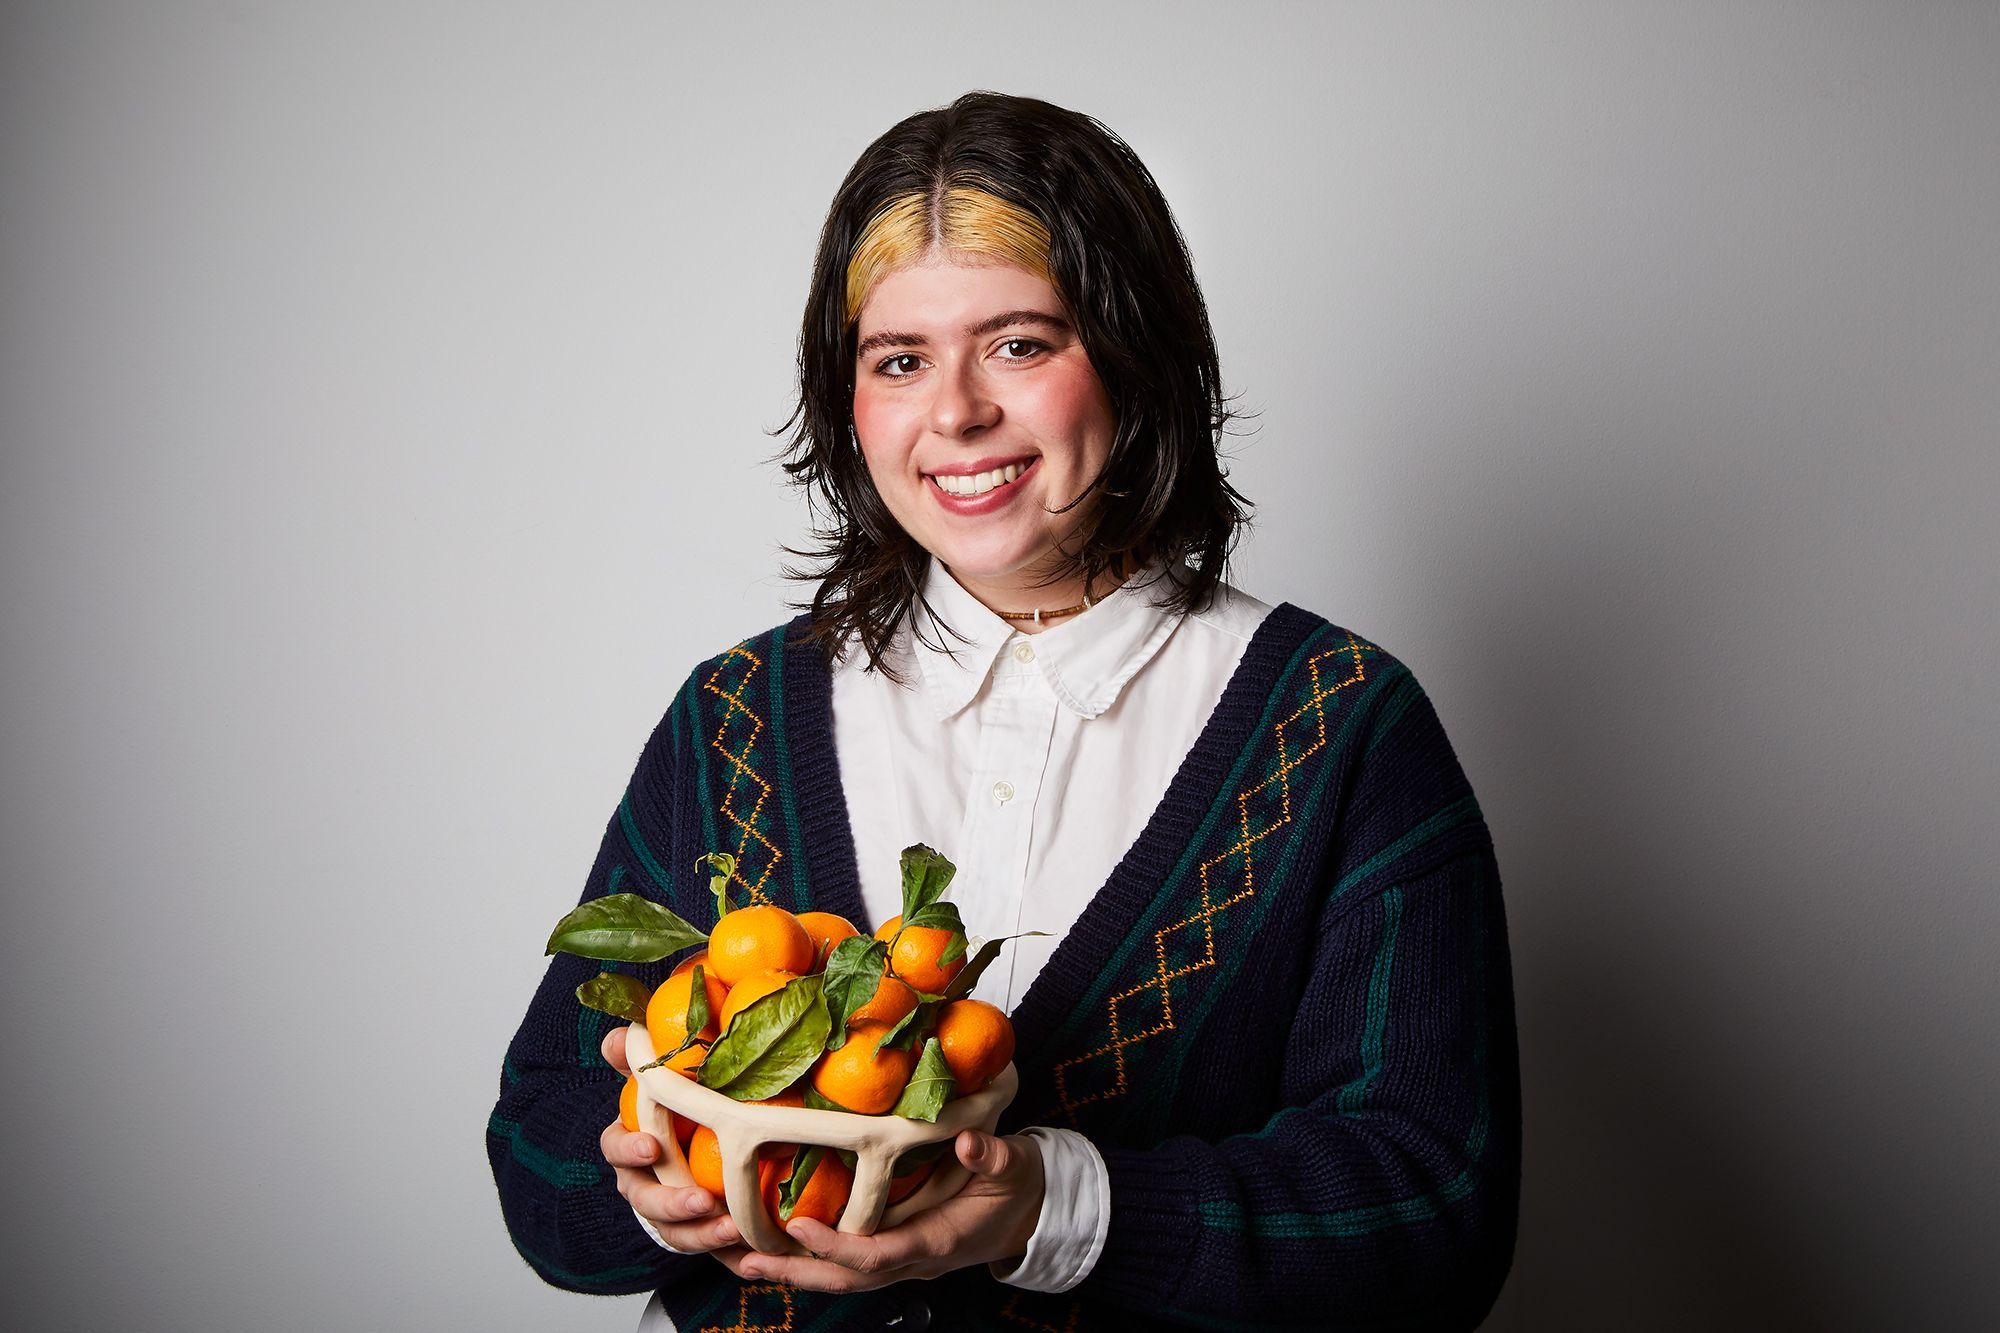 Juliet Sabella